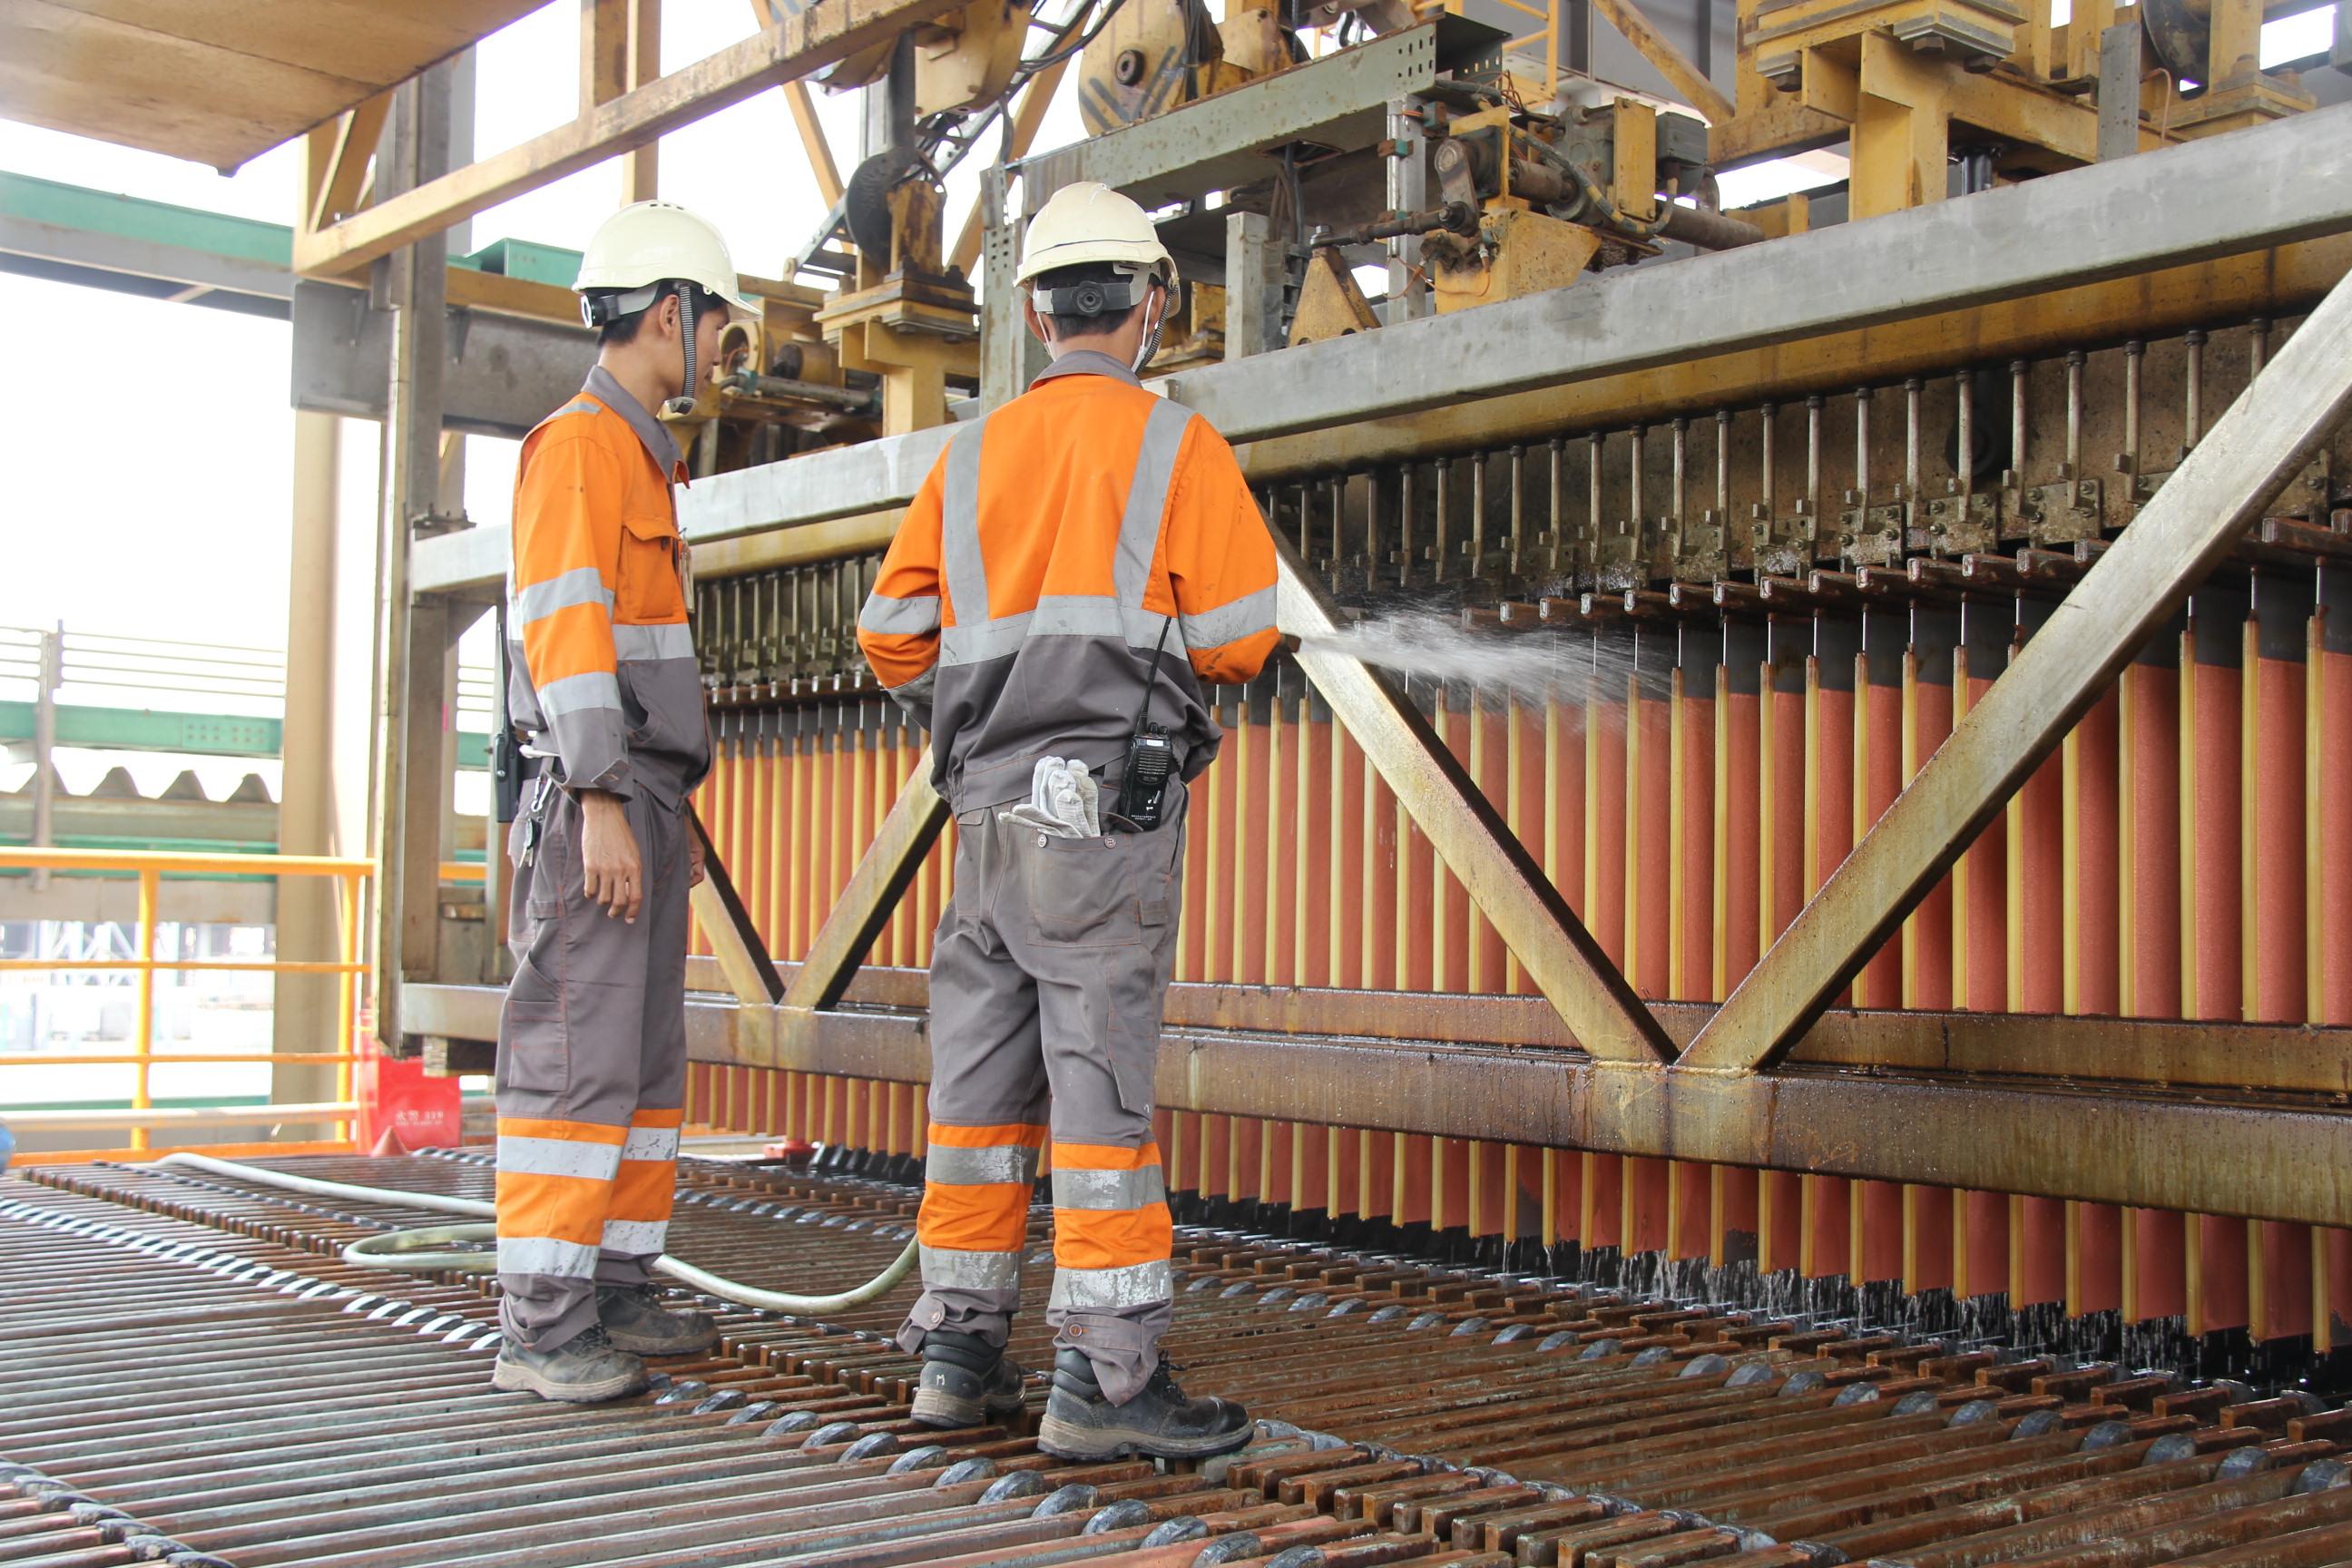 缅籍员工在铜矿冶炼厂生产线上操作生产设备6.JPG